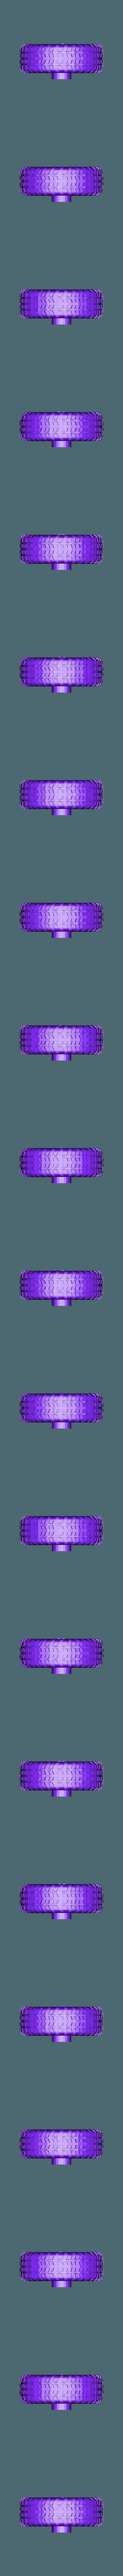 rueda1.stl Download STL file HUMMER H1 - Assembly model kit 1:35 • 3D print model, guillesilvestrini